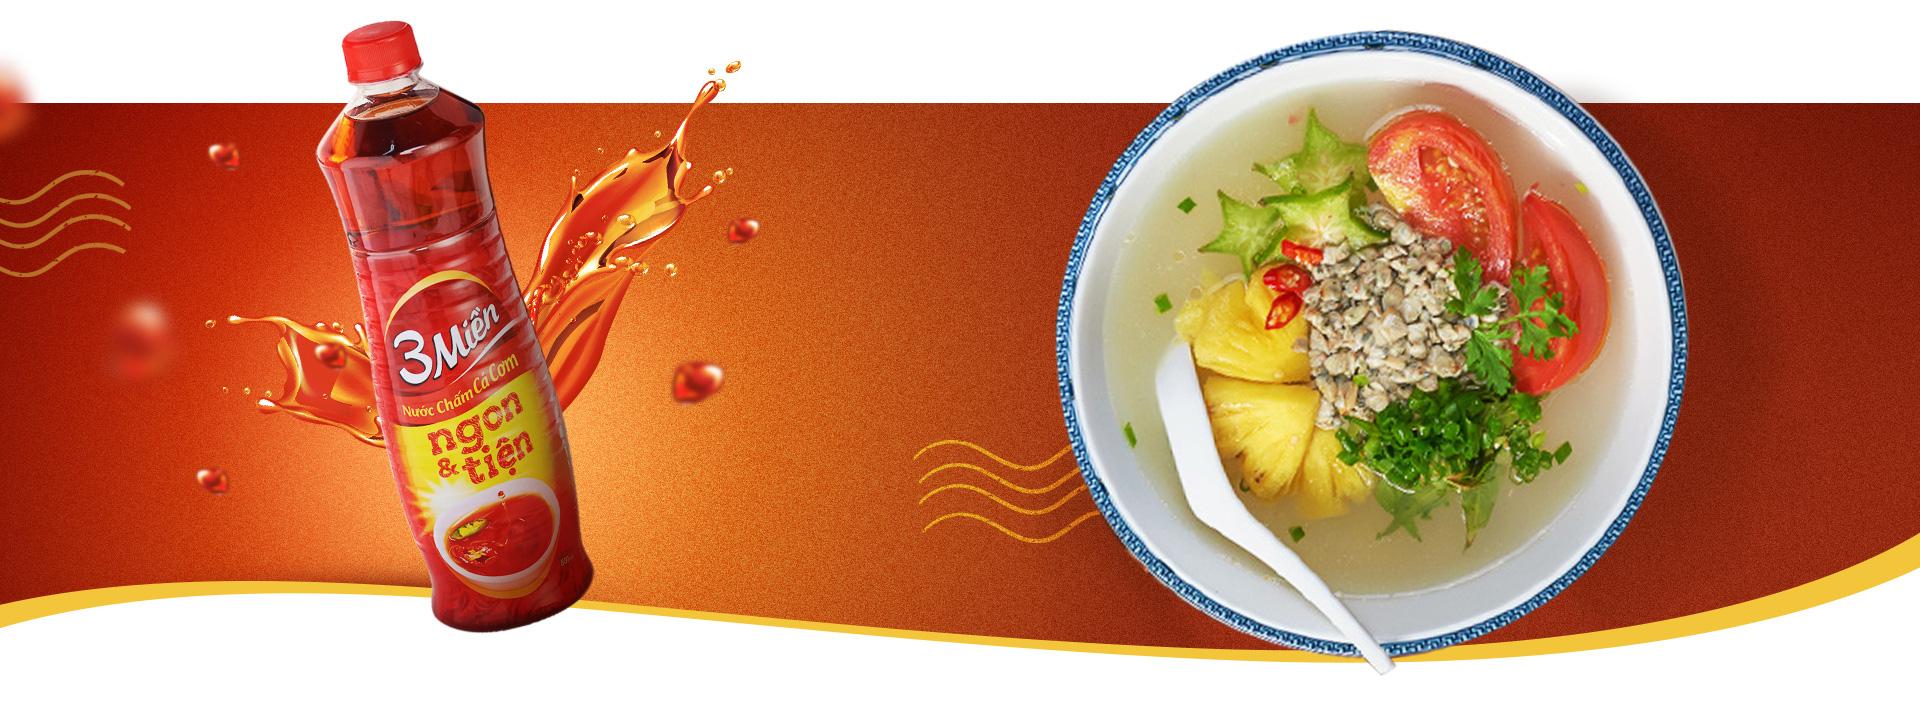 Nước mắm - gói trọn tinh túy ẩm thực Việt trong chiếc chén nhỏ gắn kết bao thế hệ gia đình - Ảnh 12.